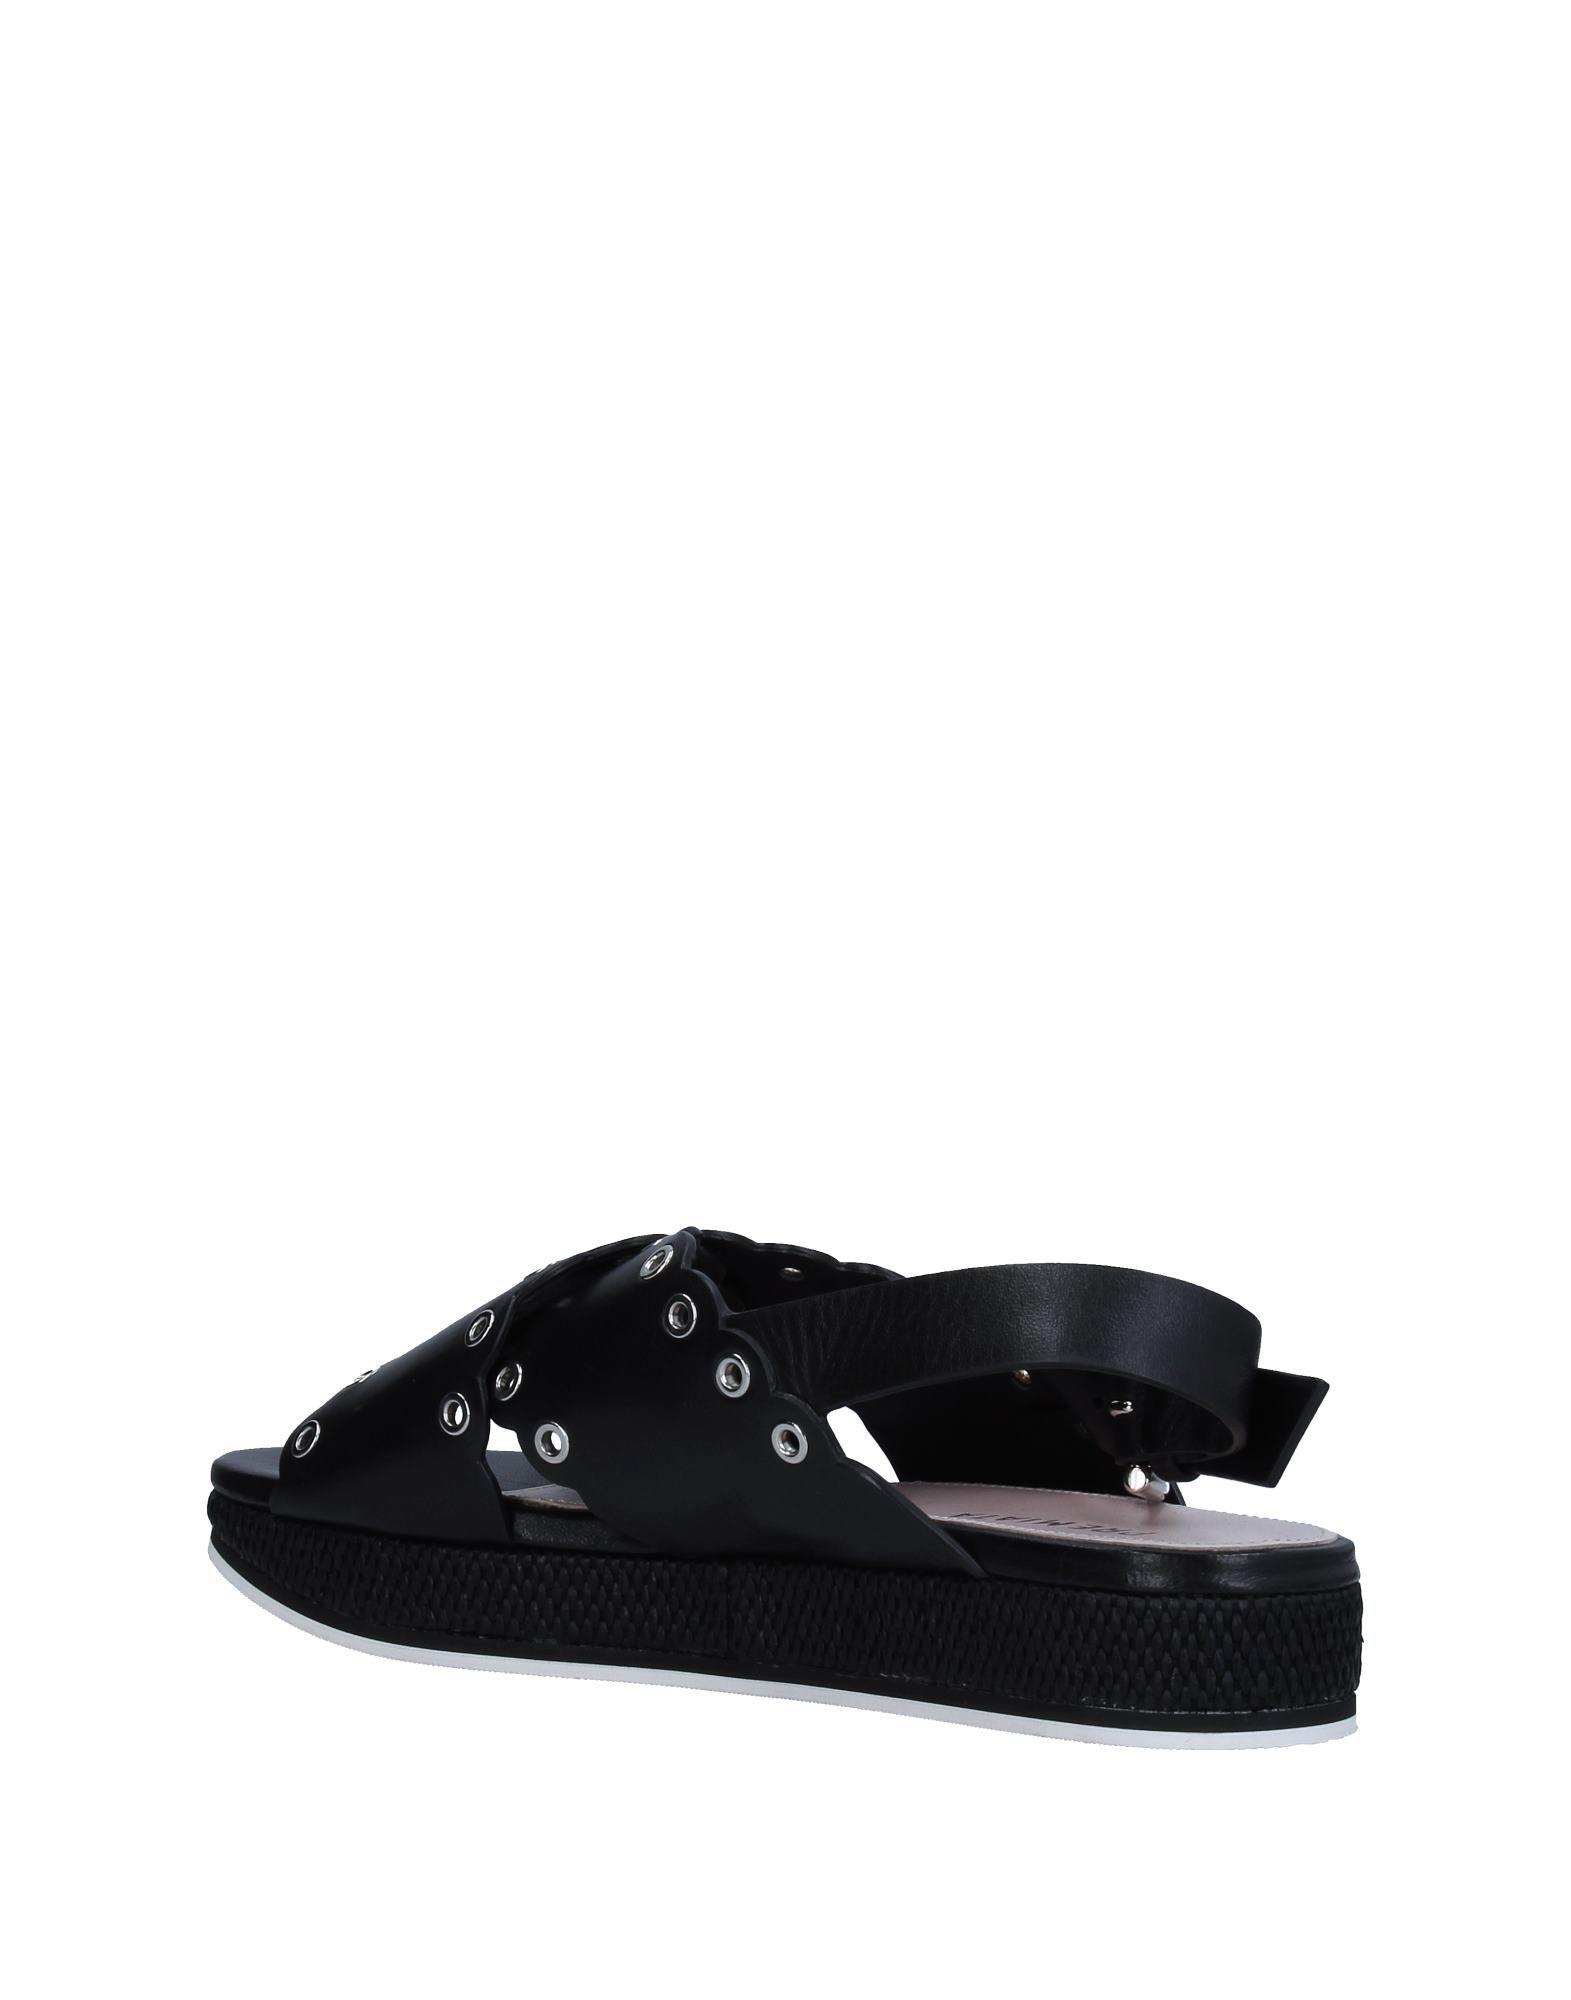 Stilvolle billige Schuhe Premiata Sandalen 11338227XA Damen  11338227XA Sandalen 840fe9